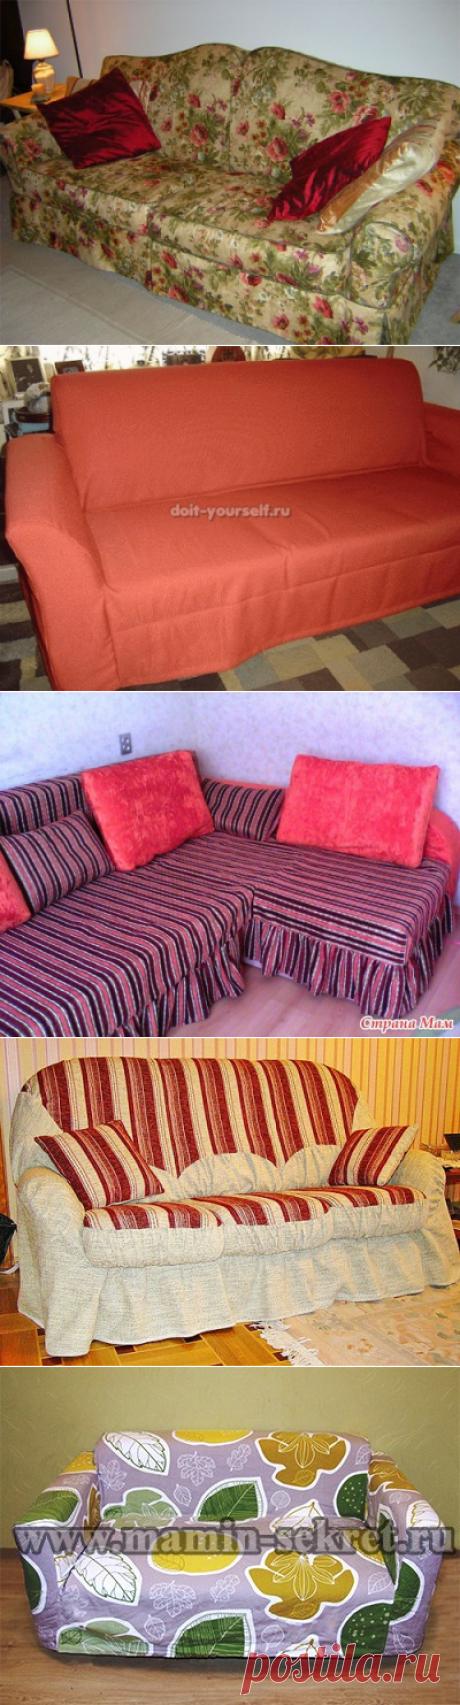 Чехлы на диван своими руками — 8 лучших мастер:классов